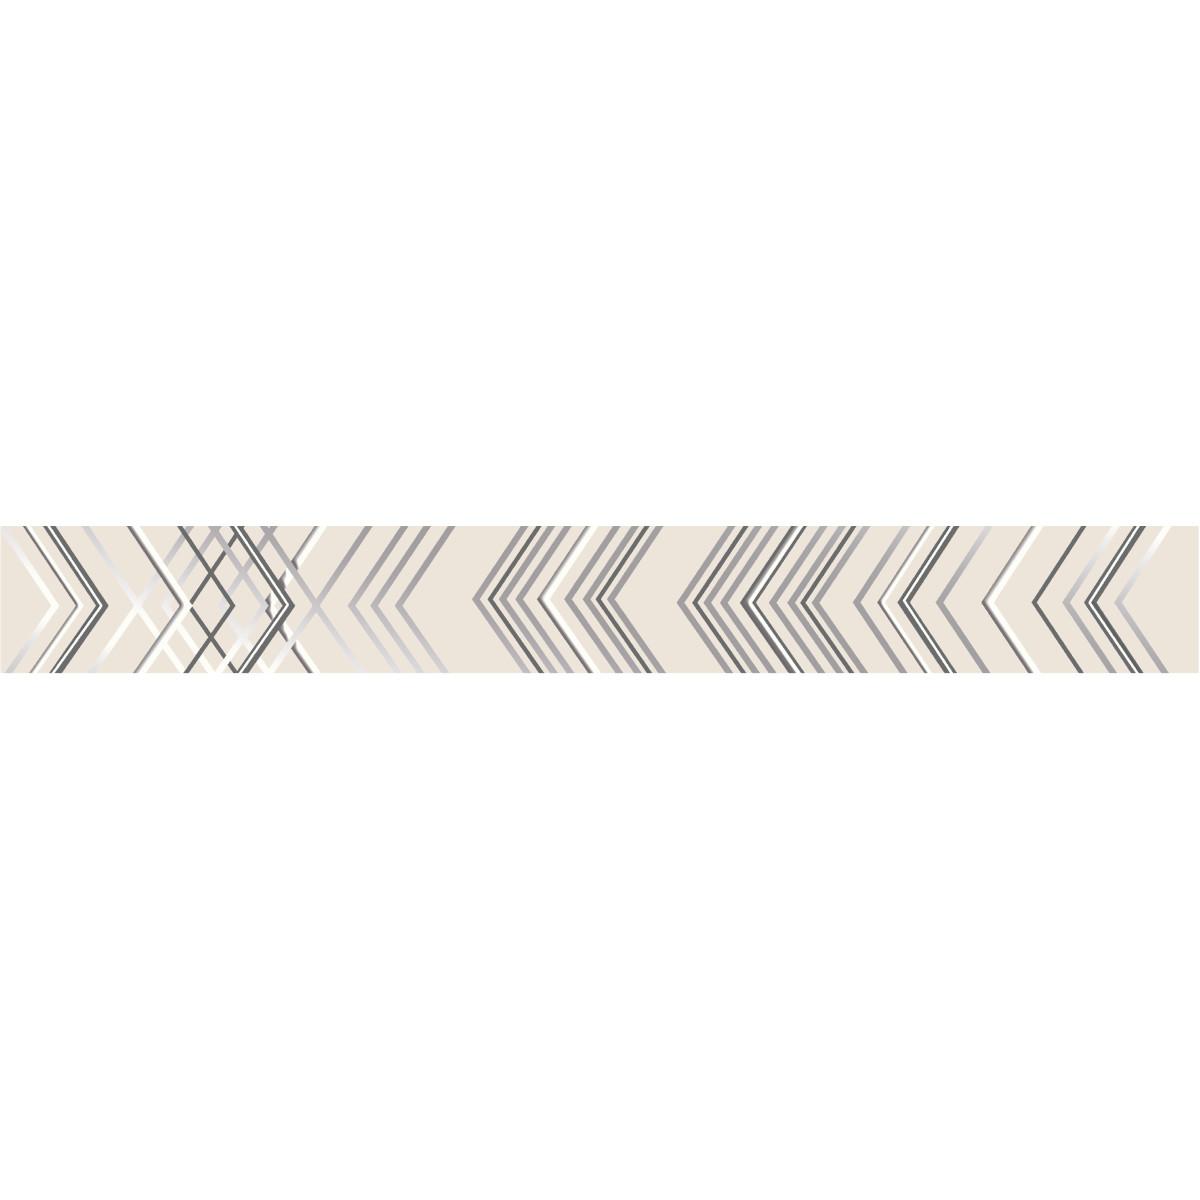 Бордюр настенный Azori «Festa» 50.6x6.2 см цвет бежевый